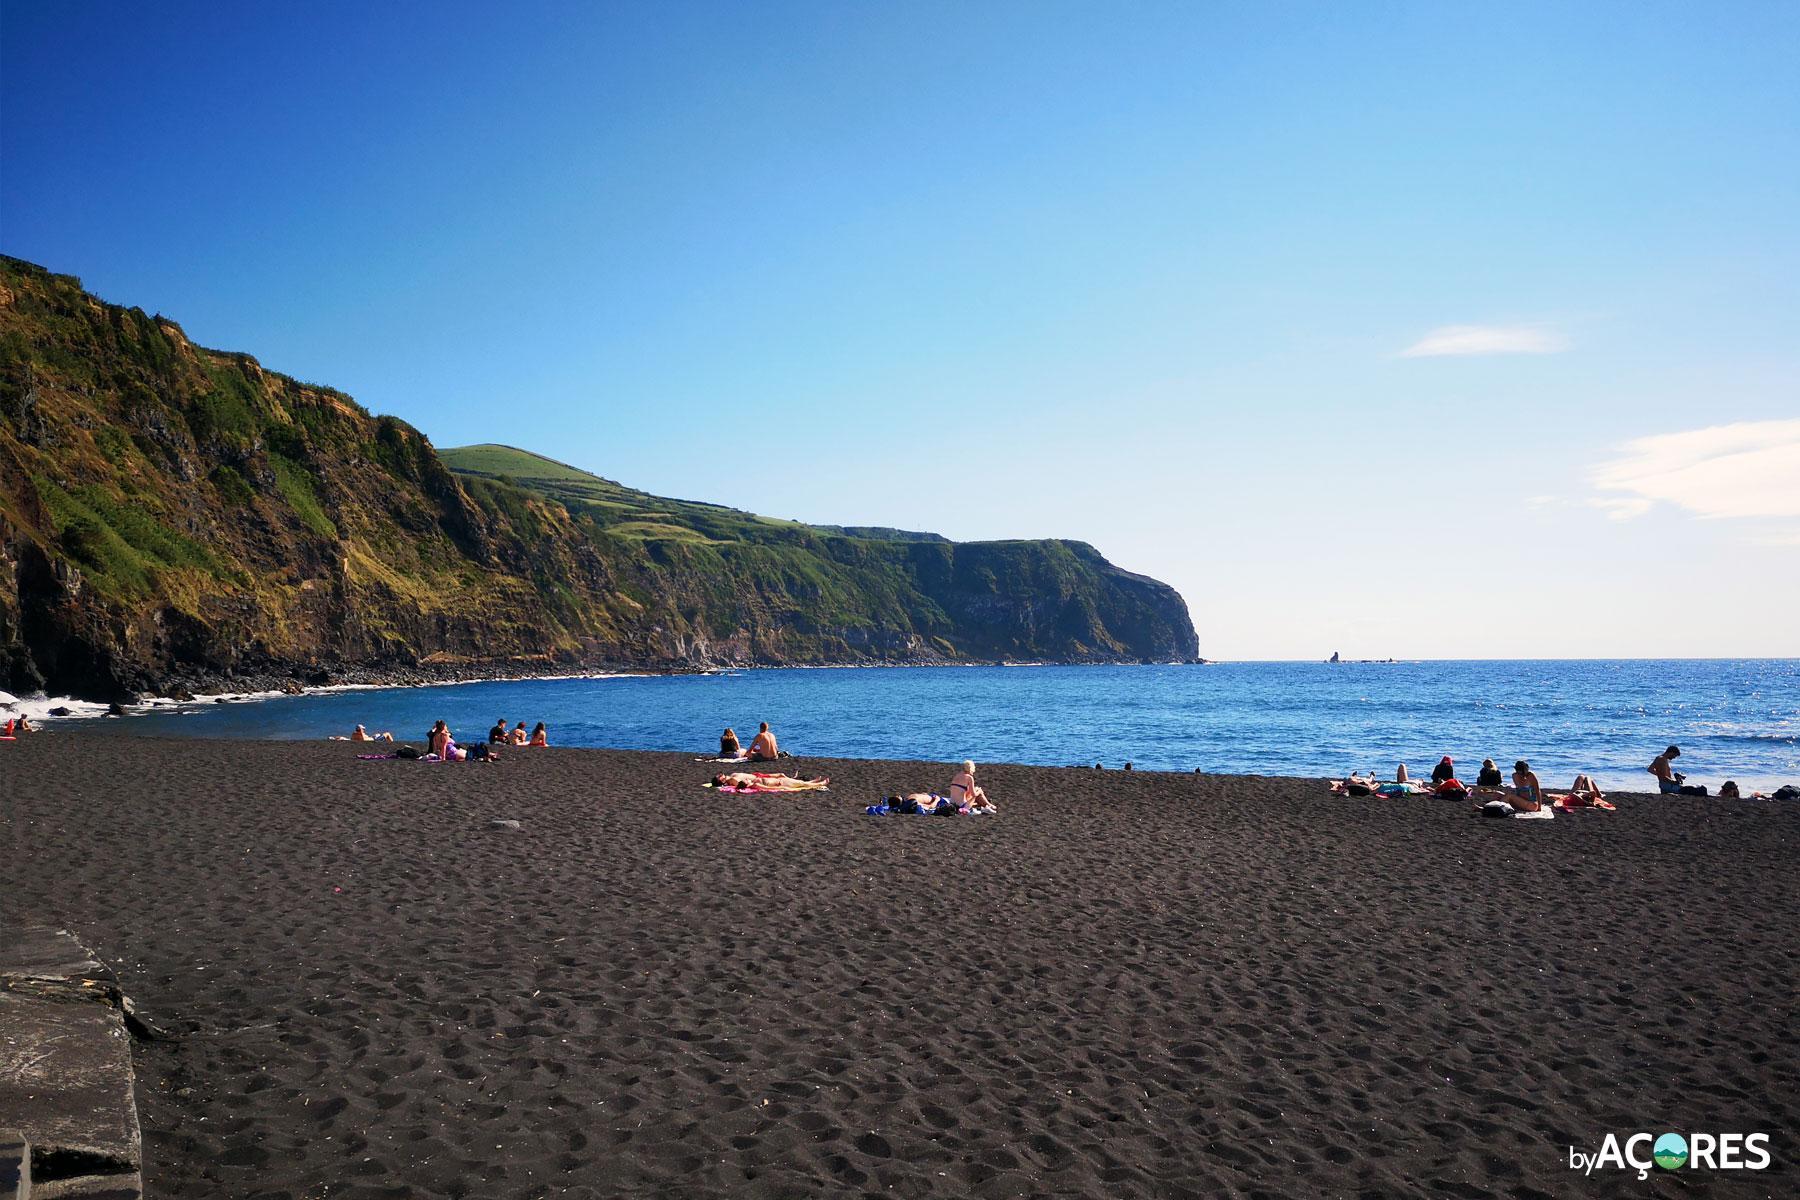 Praia dos Mosteiros - Areia Preta / Vulcânica - São Miguel, Açores